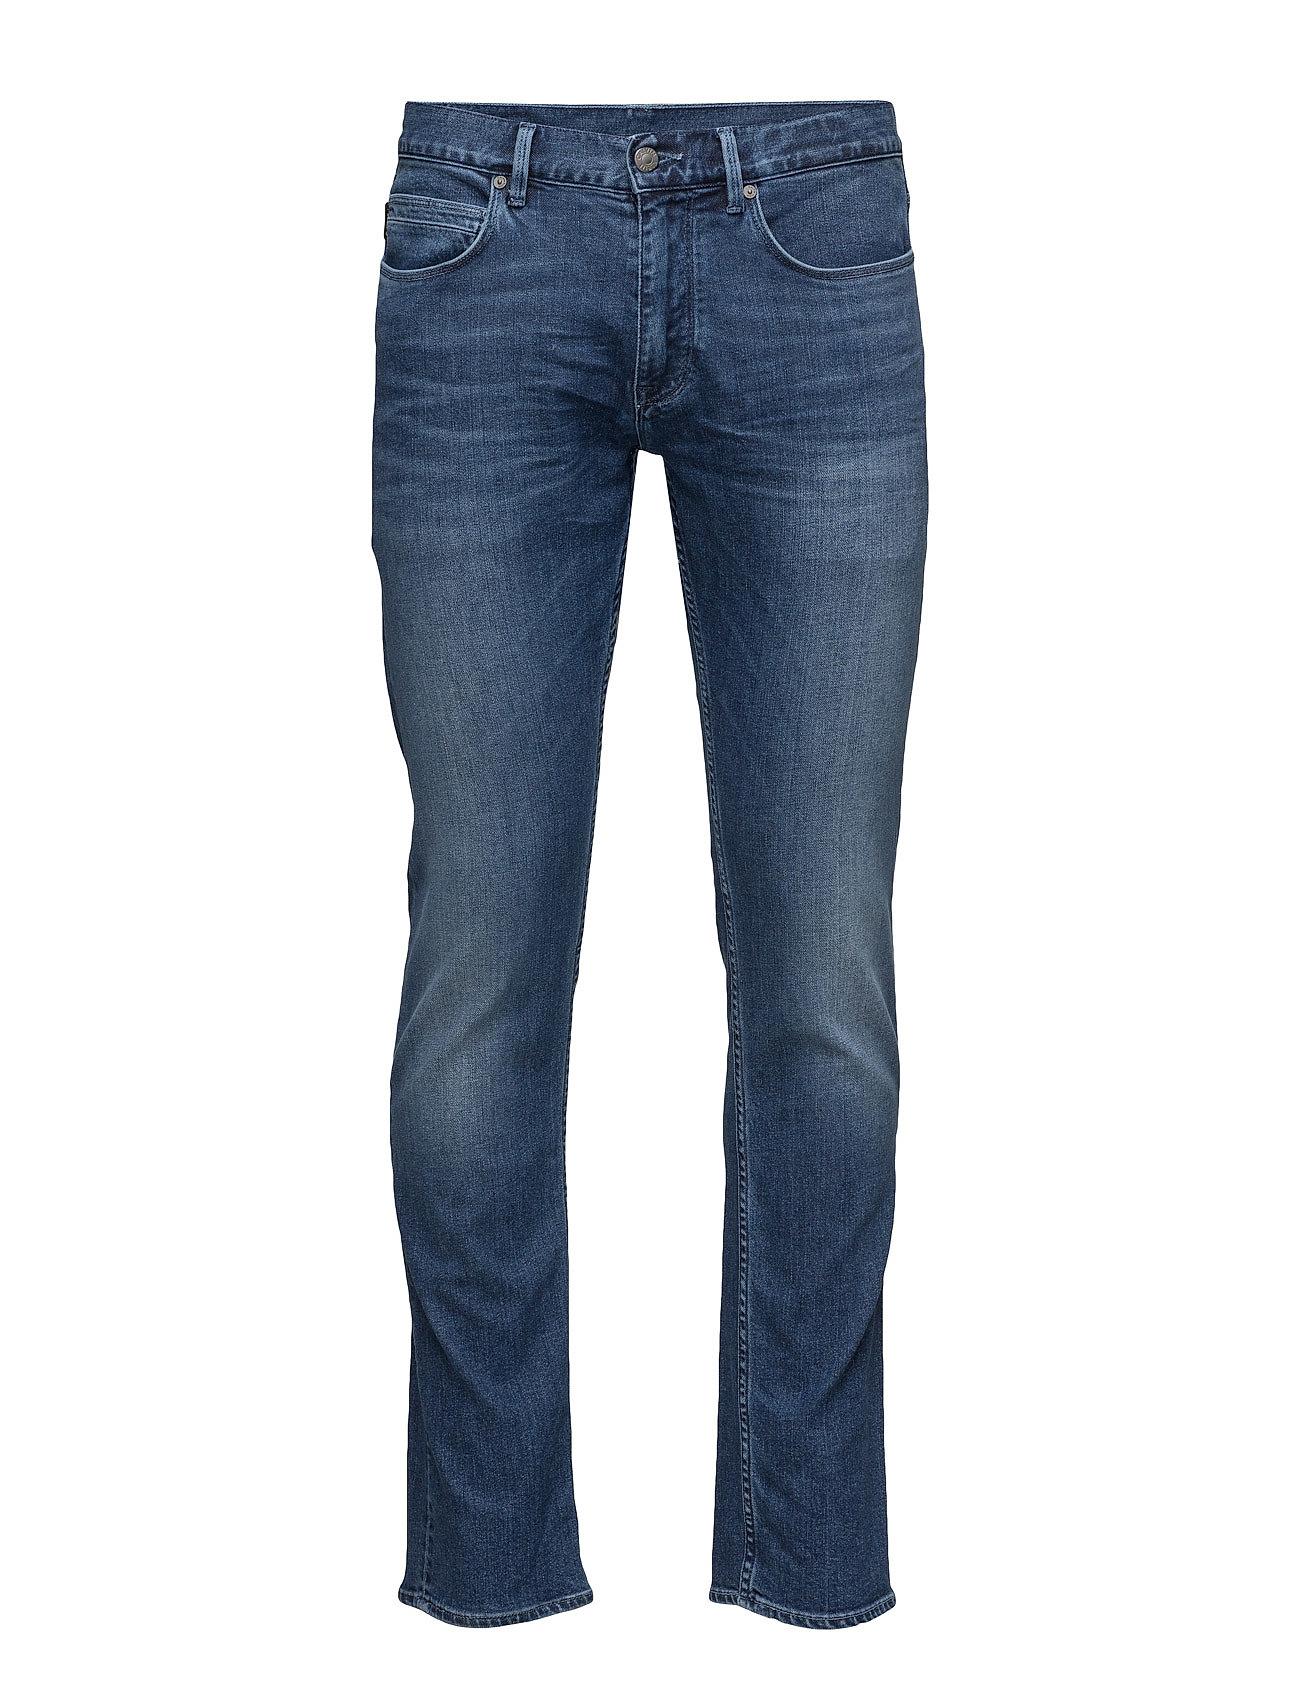 Deacon - Mid Blue, 9 Calvin Klein Jeans til Mænd i